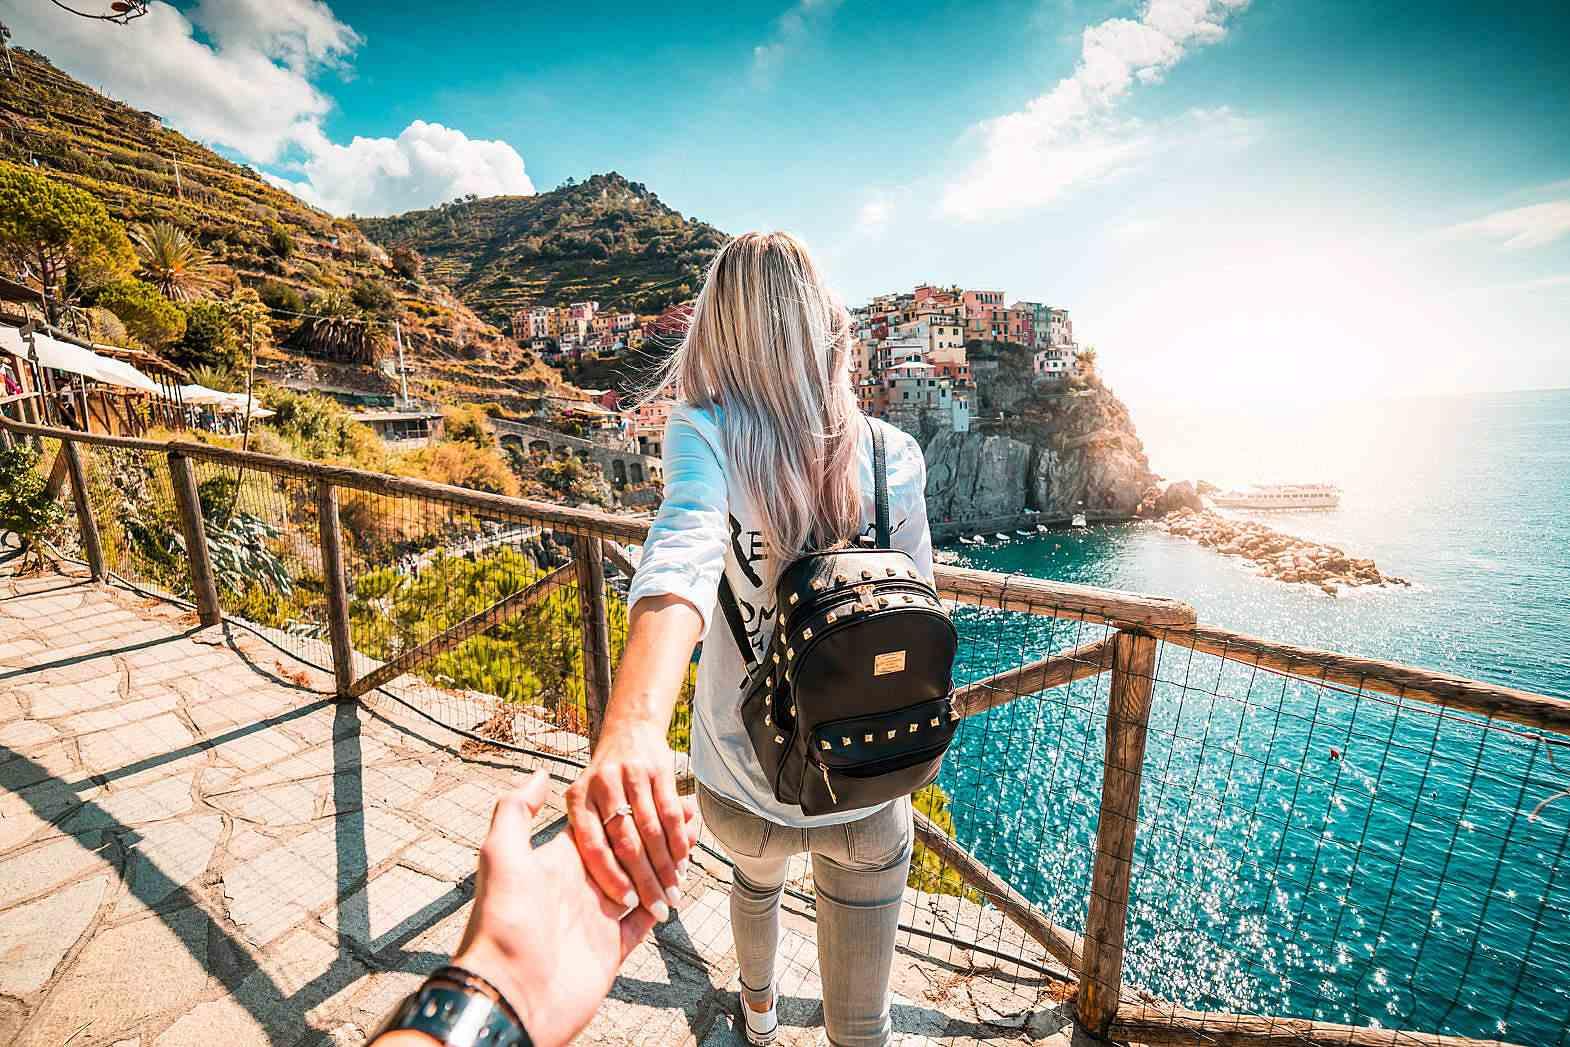 1. 要一起去屬於二人的旅行,因為旅行前的討論、旅行時的朝夕相處,就如同婚後的生活,確認是不是可以忍受彼此的生活習慣。